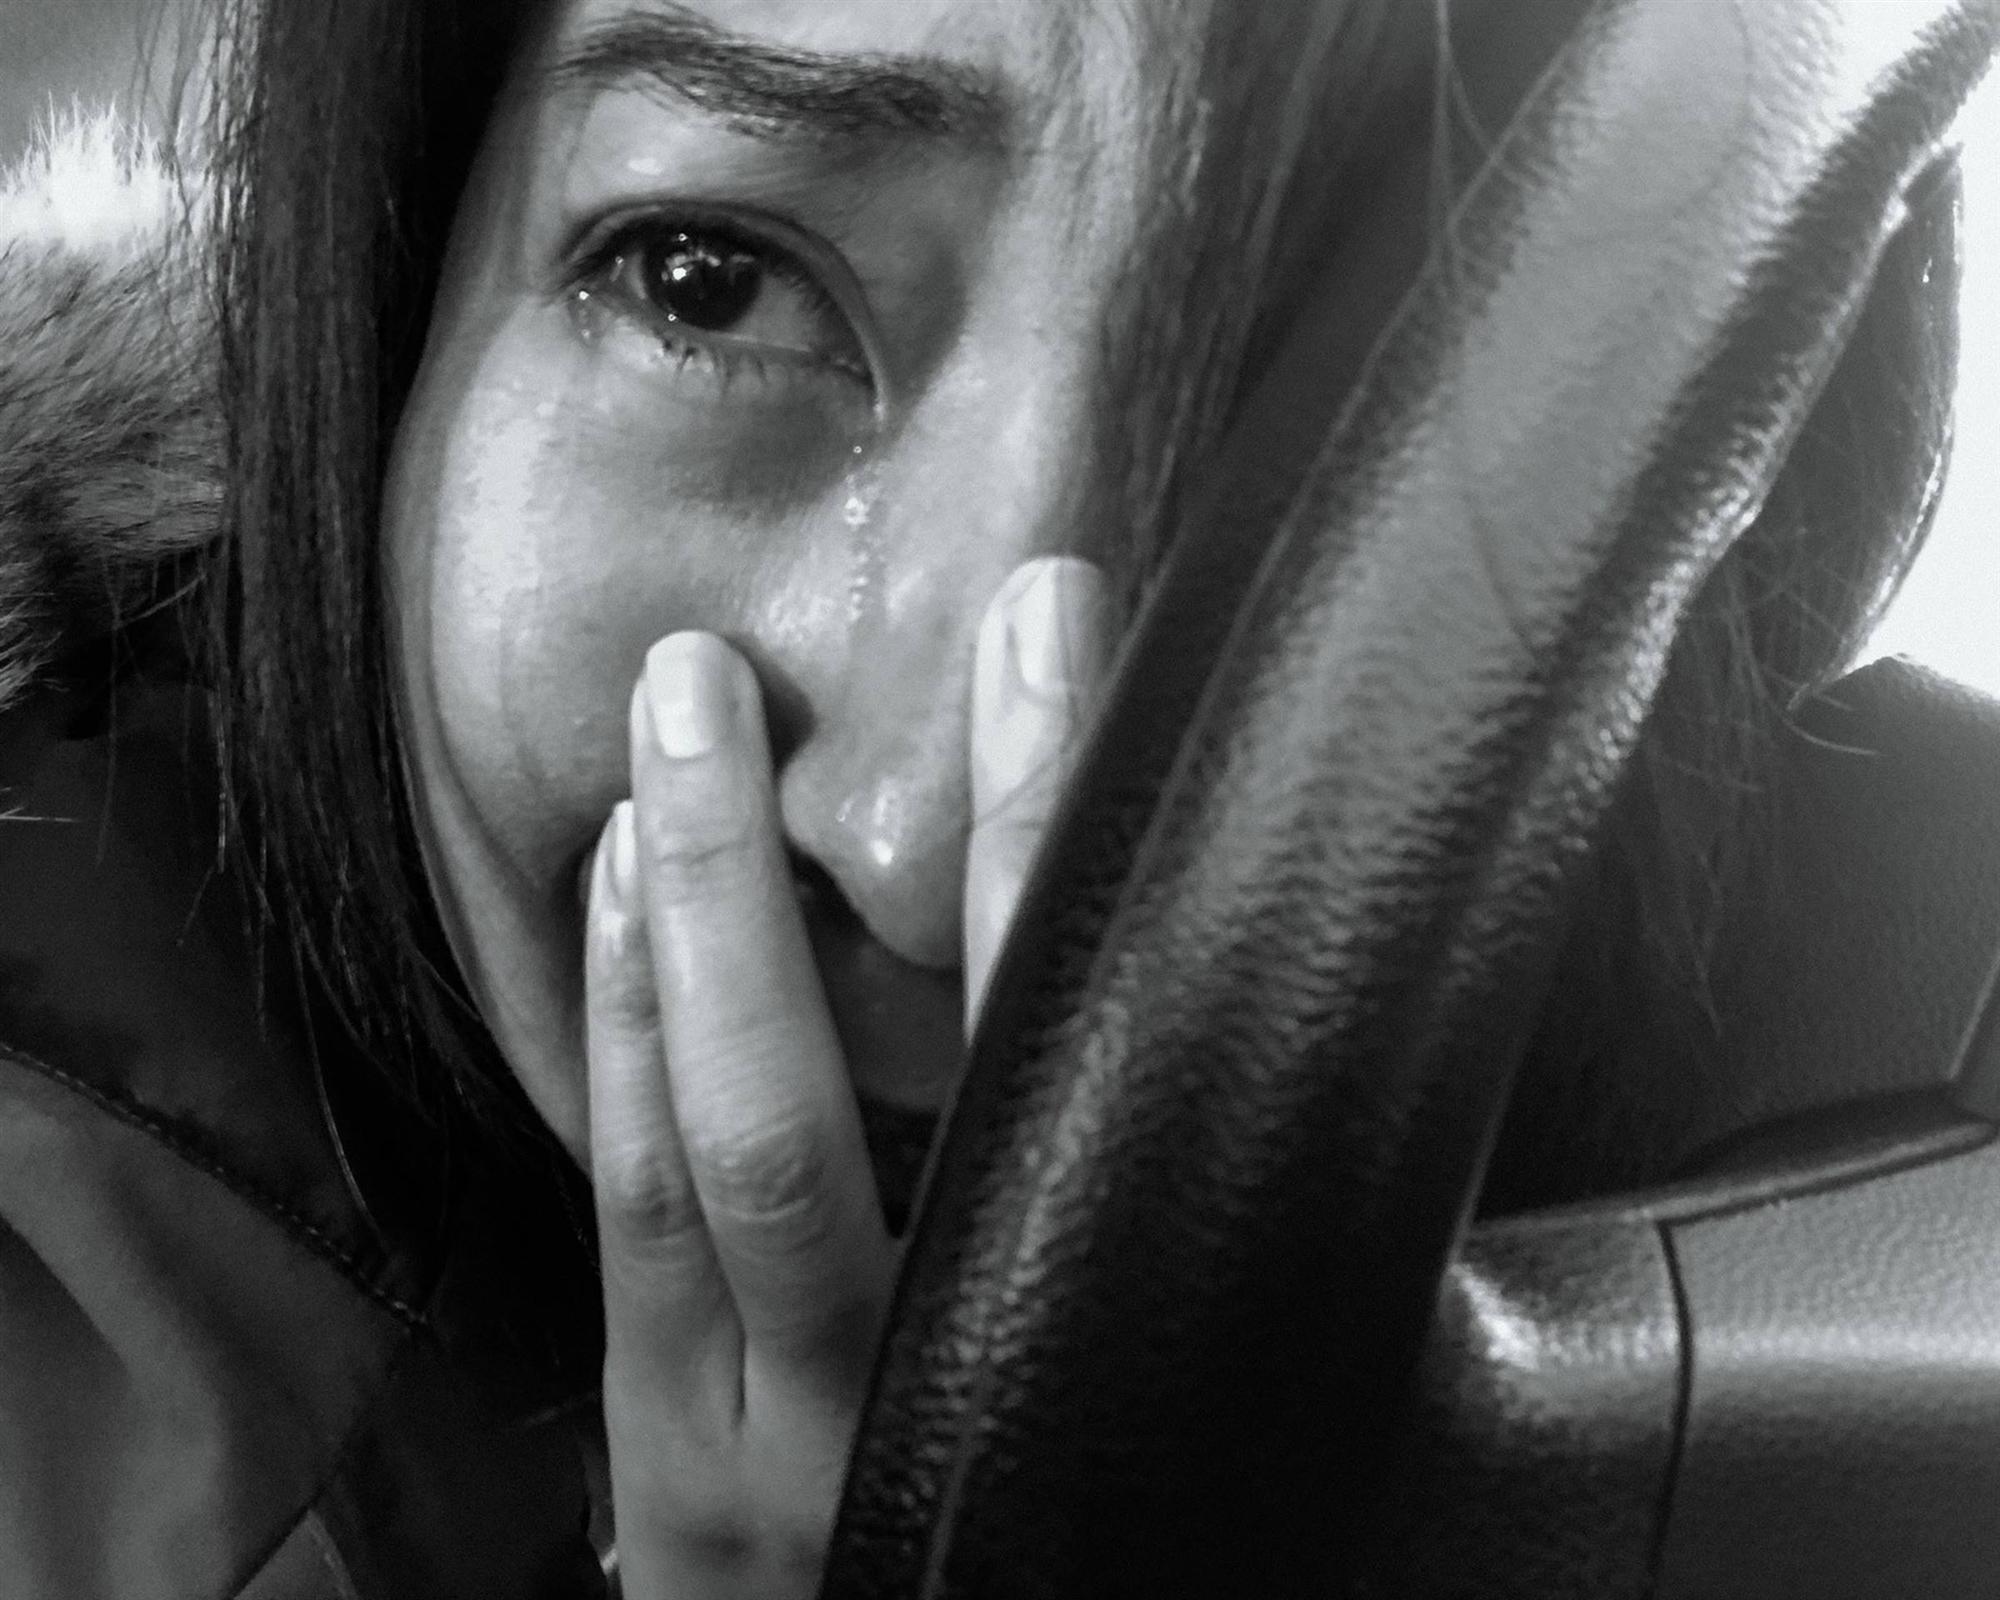 Nhật ký qua ảnh đầy xúc cảm của nữ y tá bị cưỡng hiếp và phải tự mình tìm lấy ánh sáng giữa hố sâu tăm tối-3